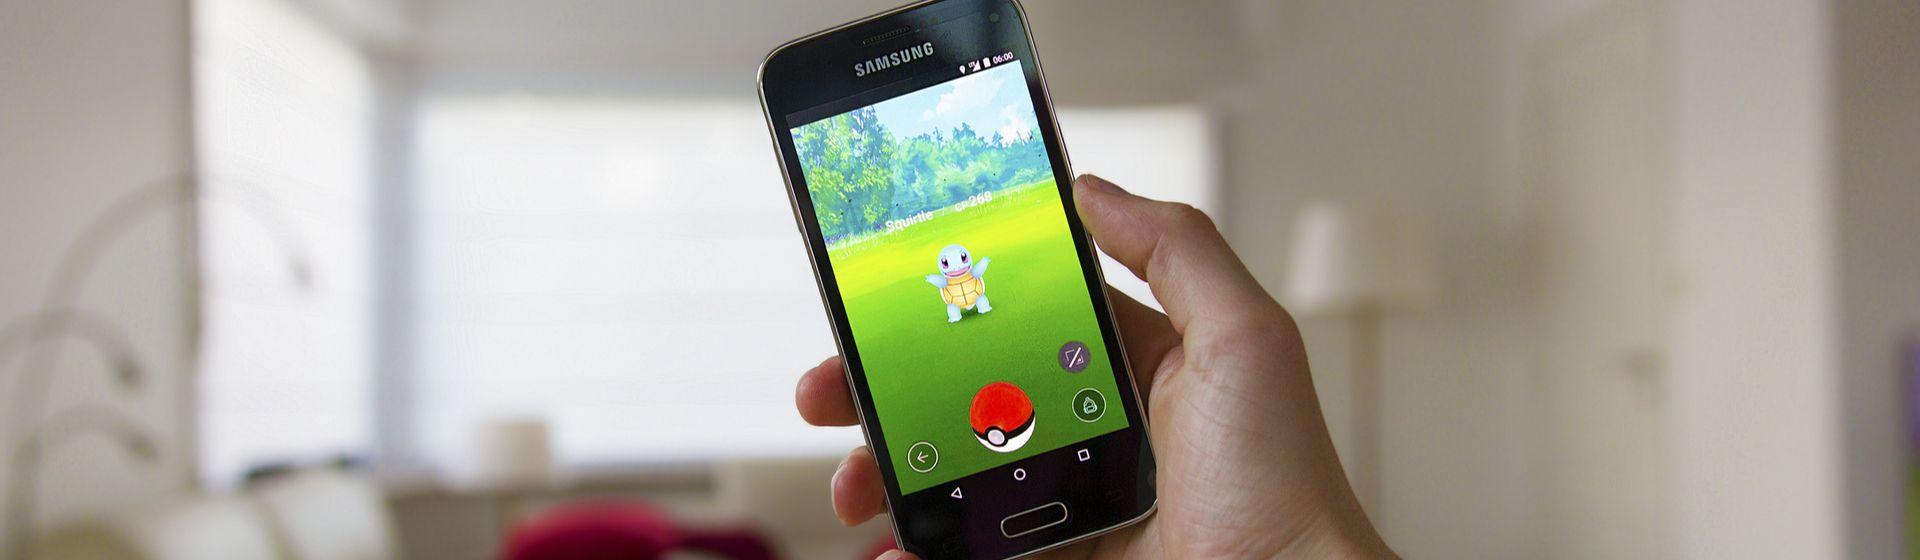 Códigos Pokémon Go: como e onde adquirir? Como funcionam?